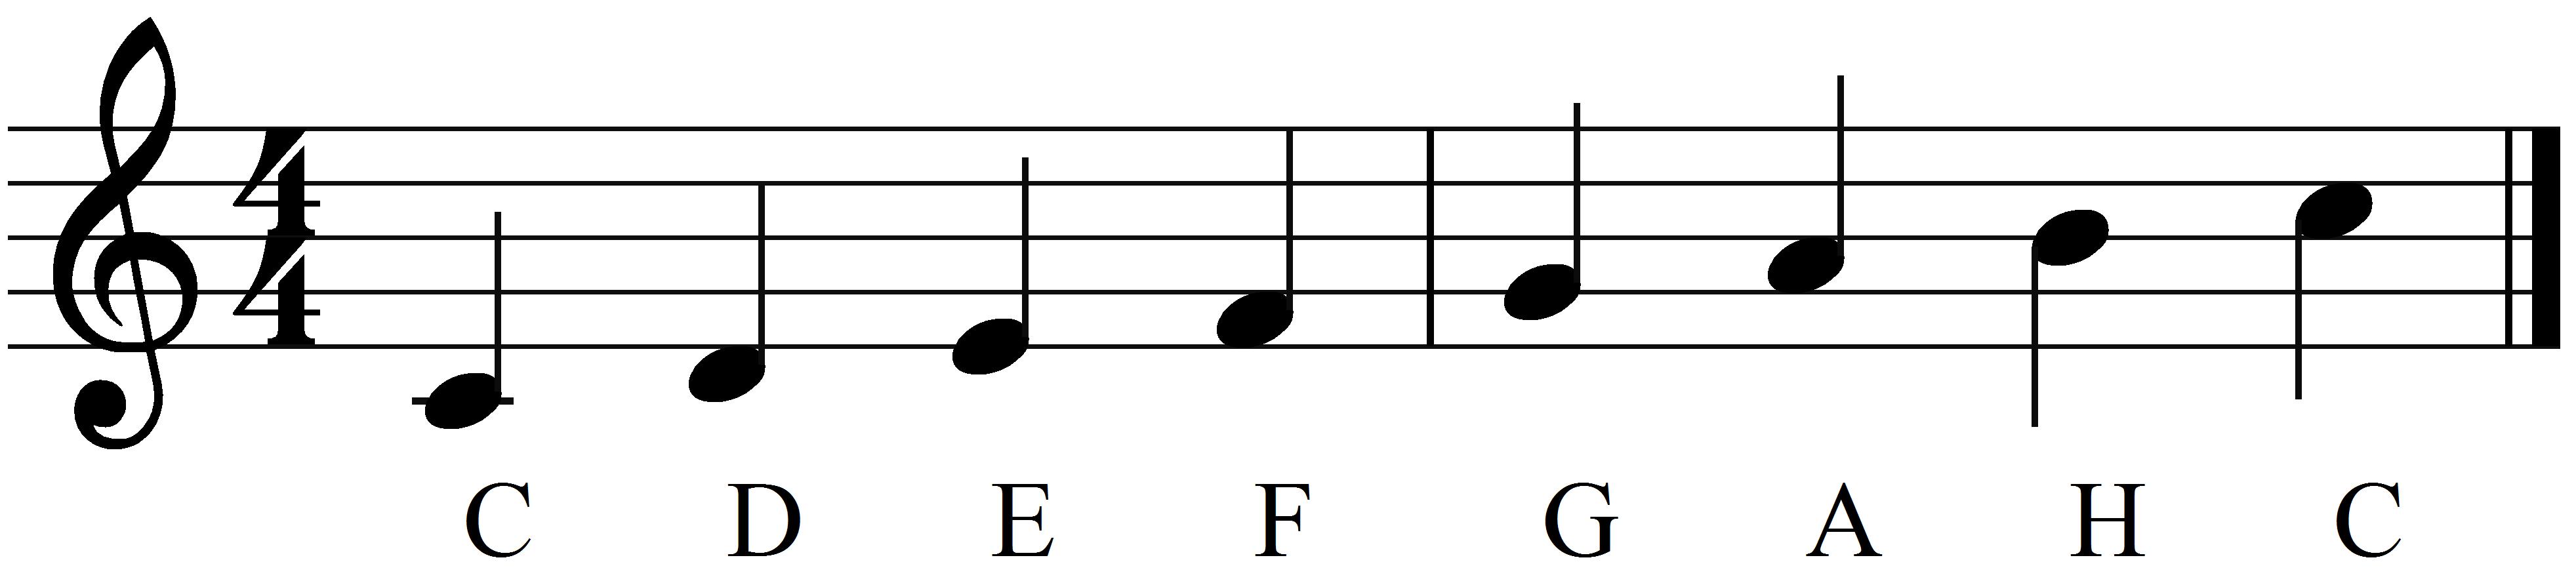 C-Dur-Tonleiter_mit_Beschriftung